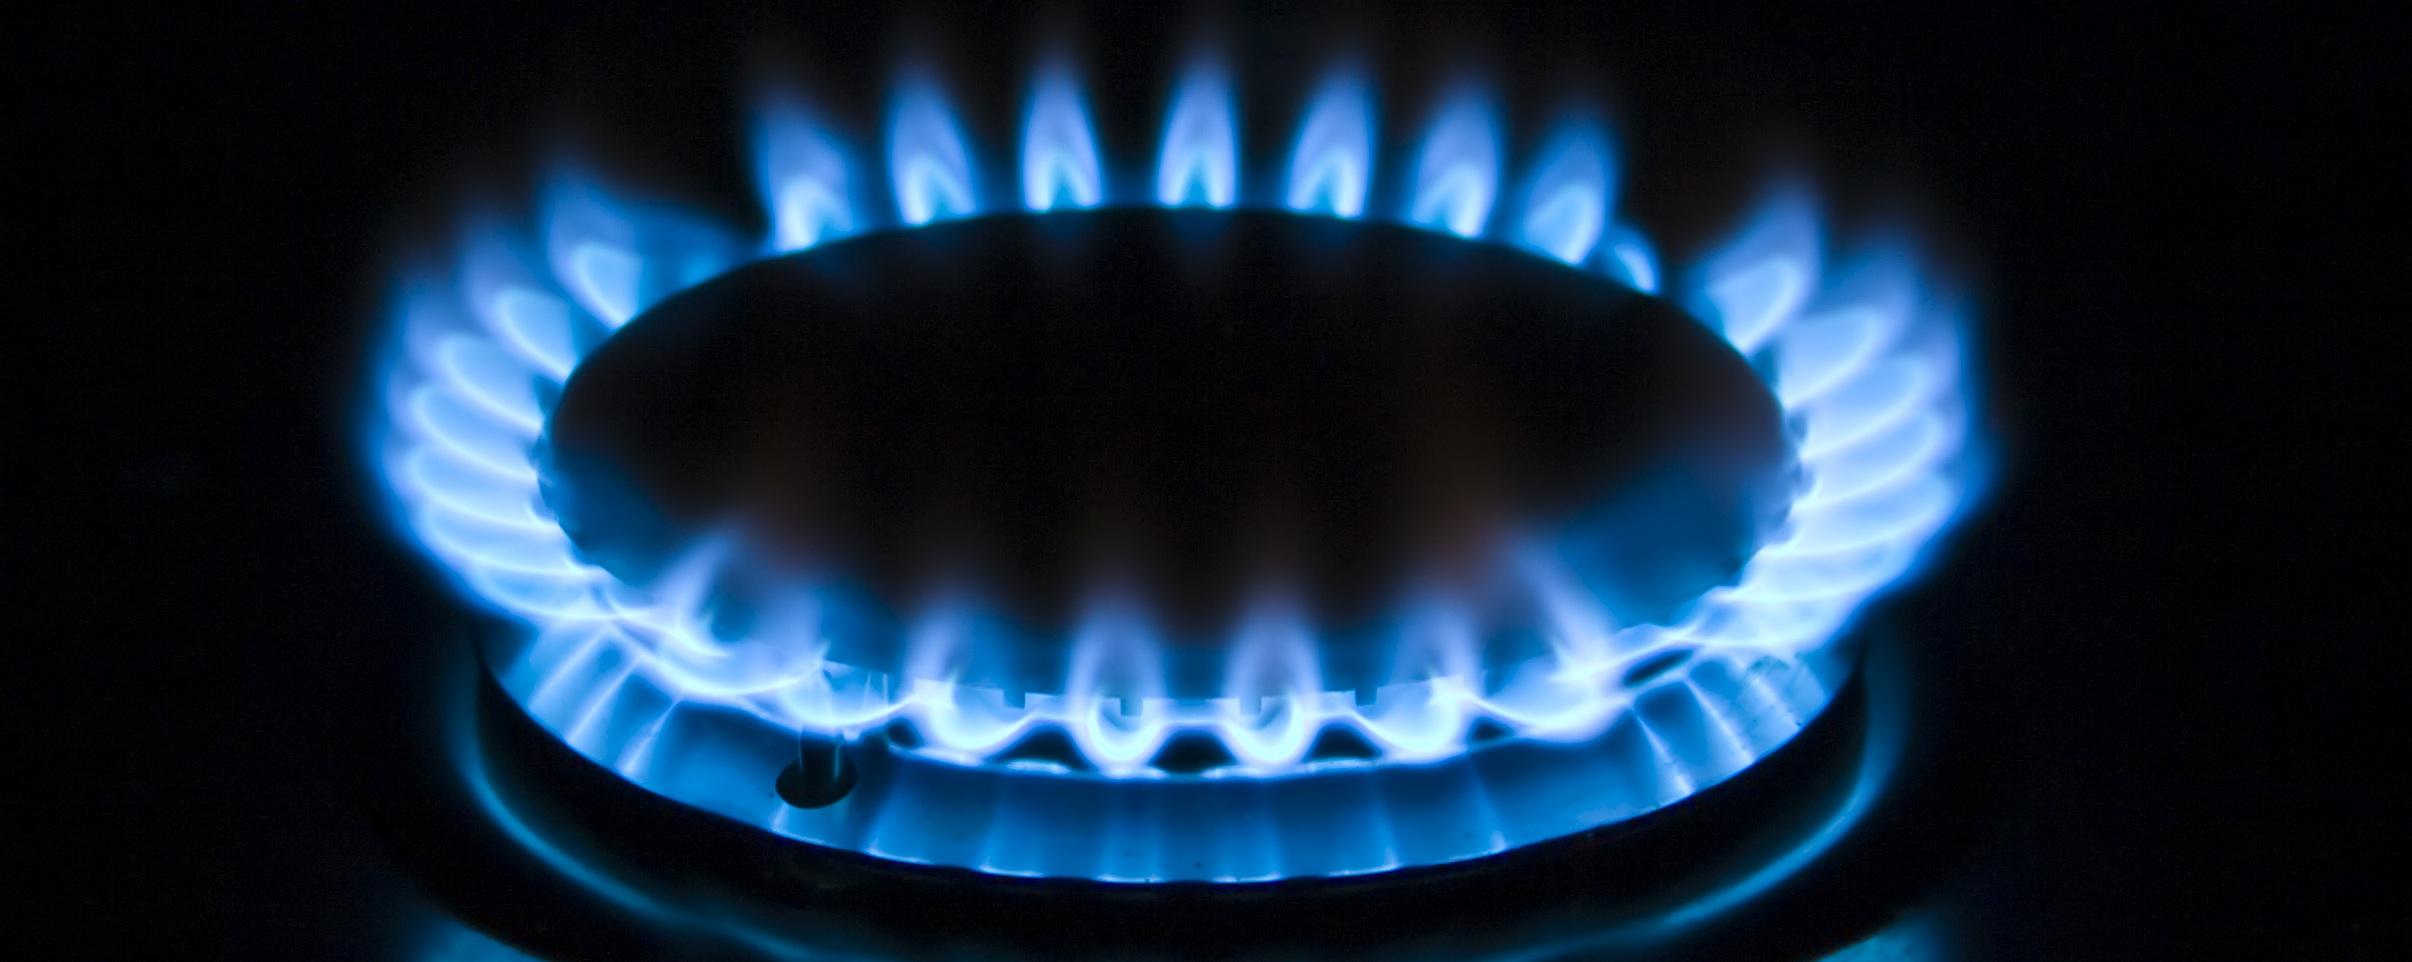 Natural gas Wave Analysis – 5 May, 2020